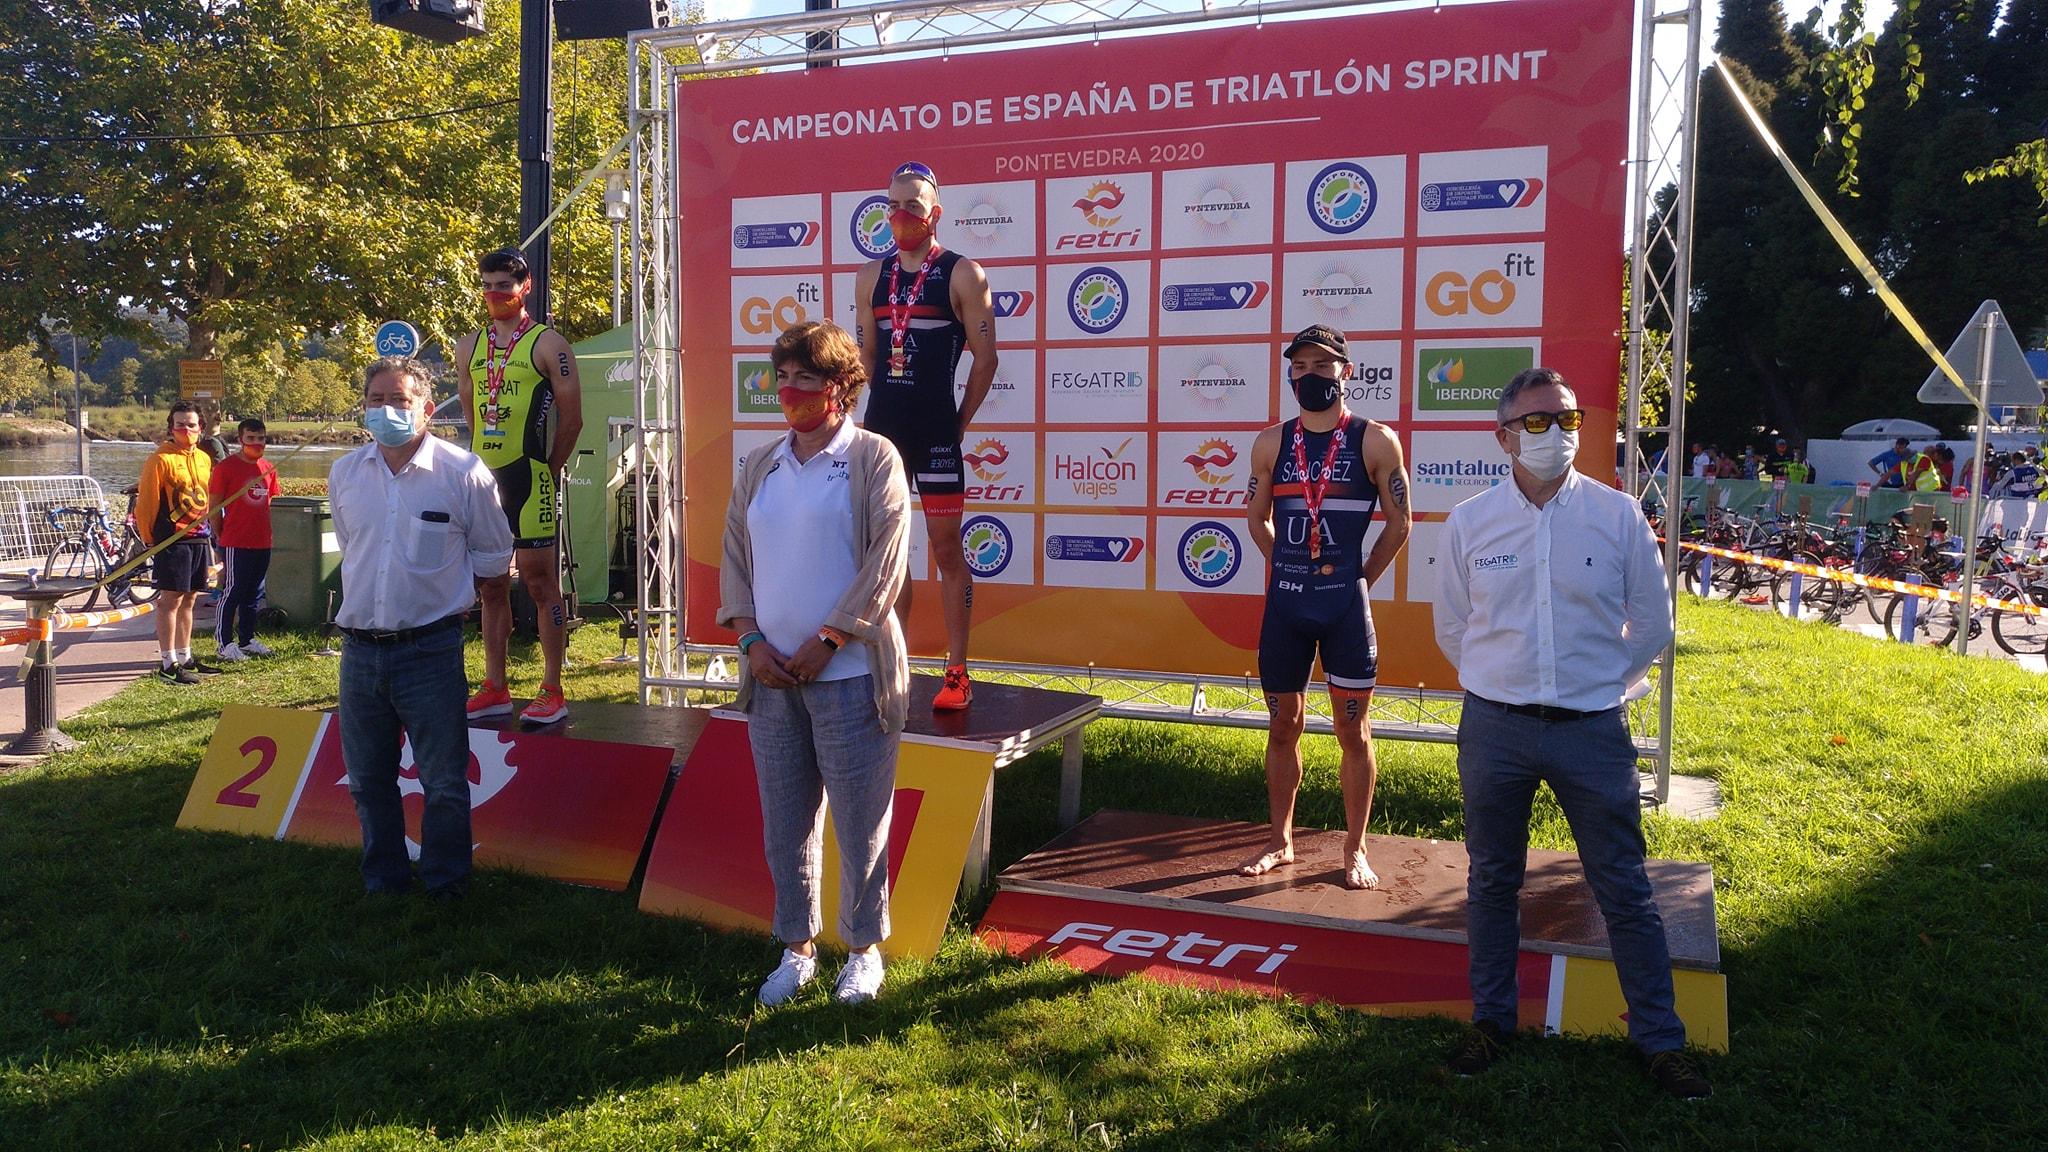 Anna Godoy y Fernando Alarza, campeones de España de Triatlón Sprint en Pontevedra